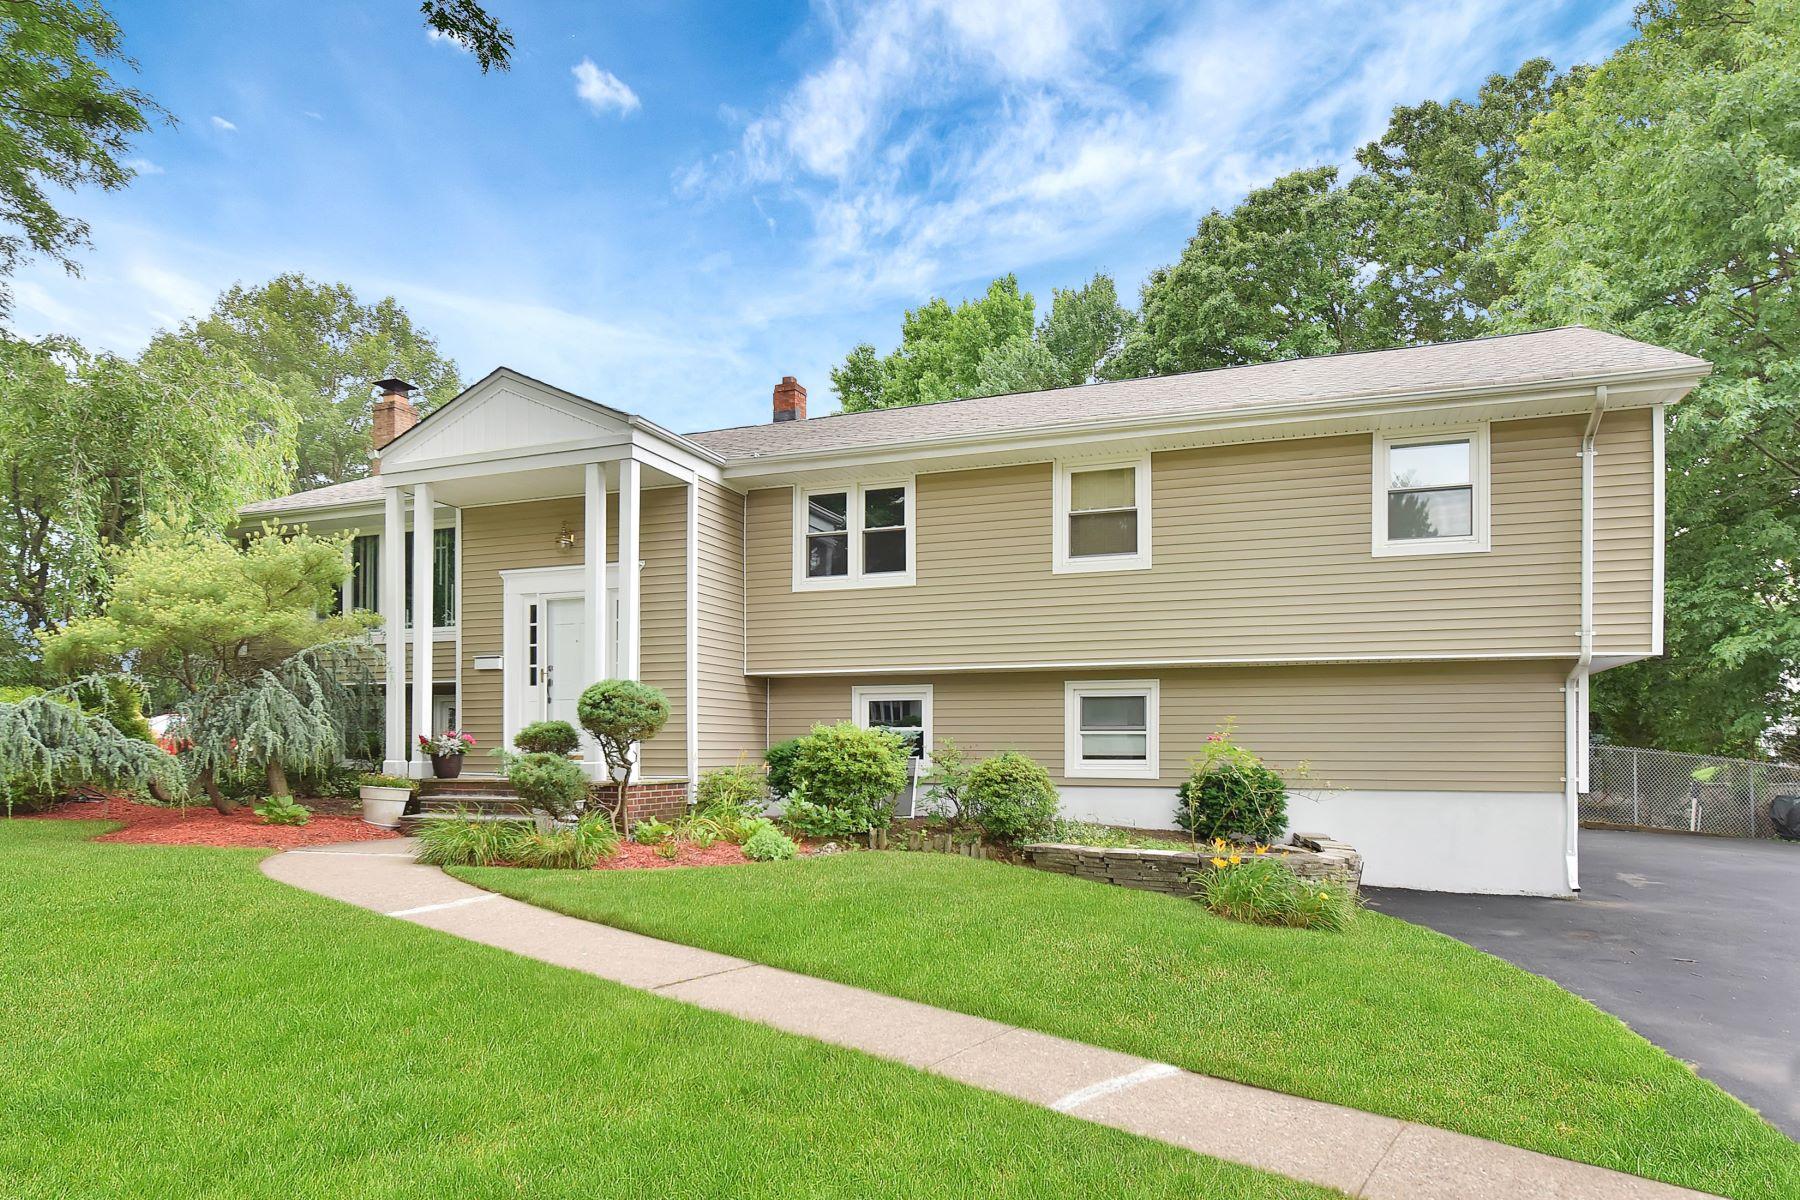 独户住宅 为 销售 在 Expanded Beauty in Paramus 286 Colby Place 帕拉默斯, 新泽西州 07652 美国